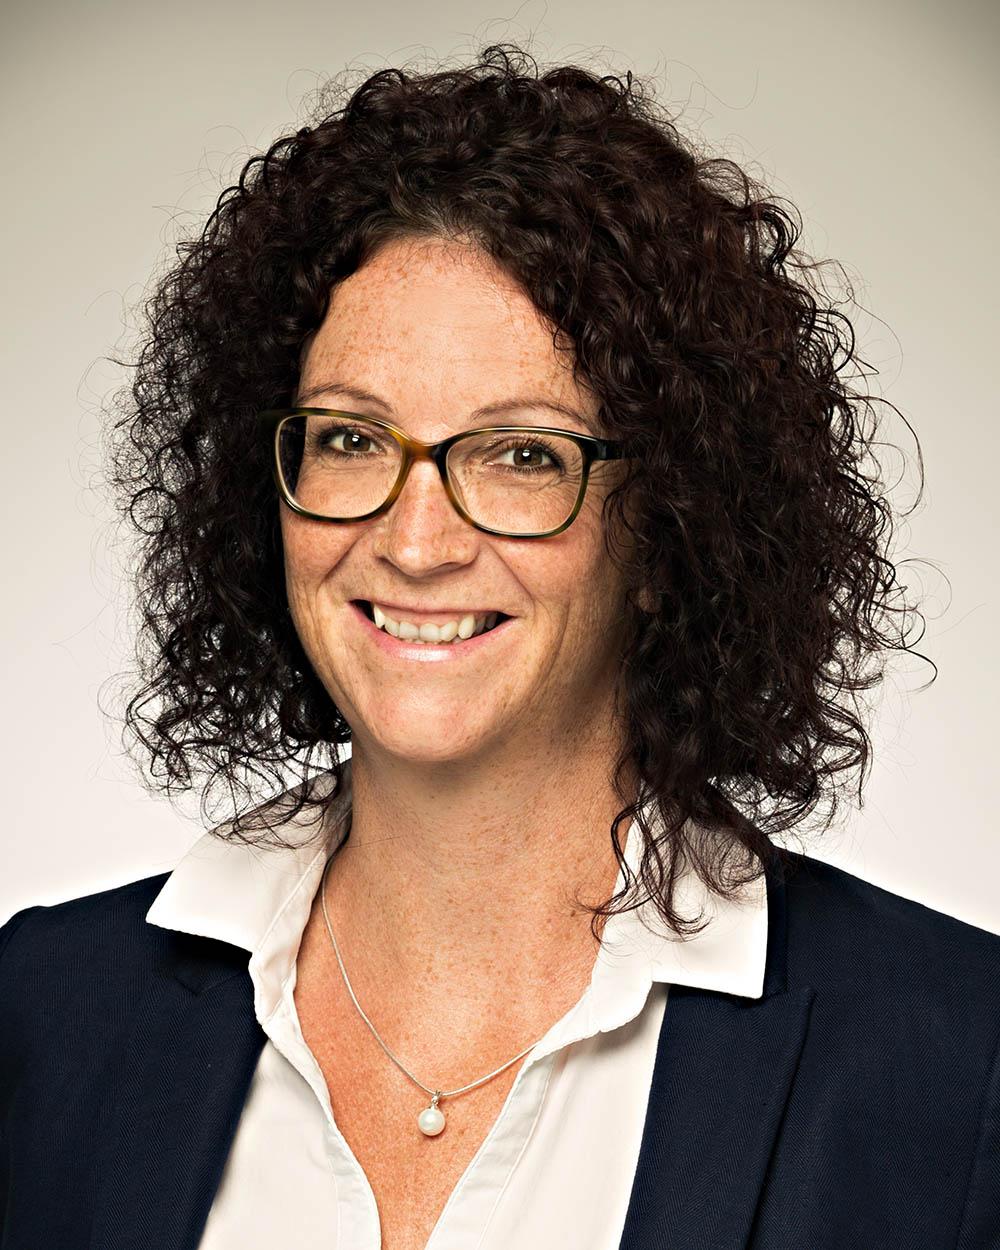 Manuela Kündig